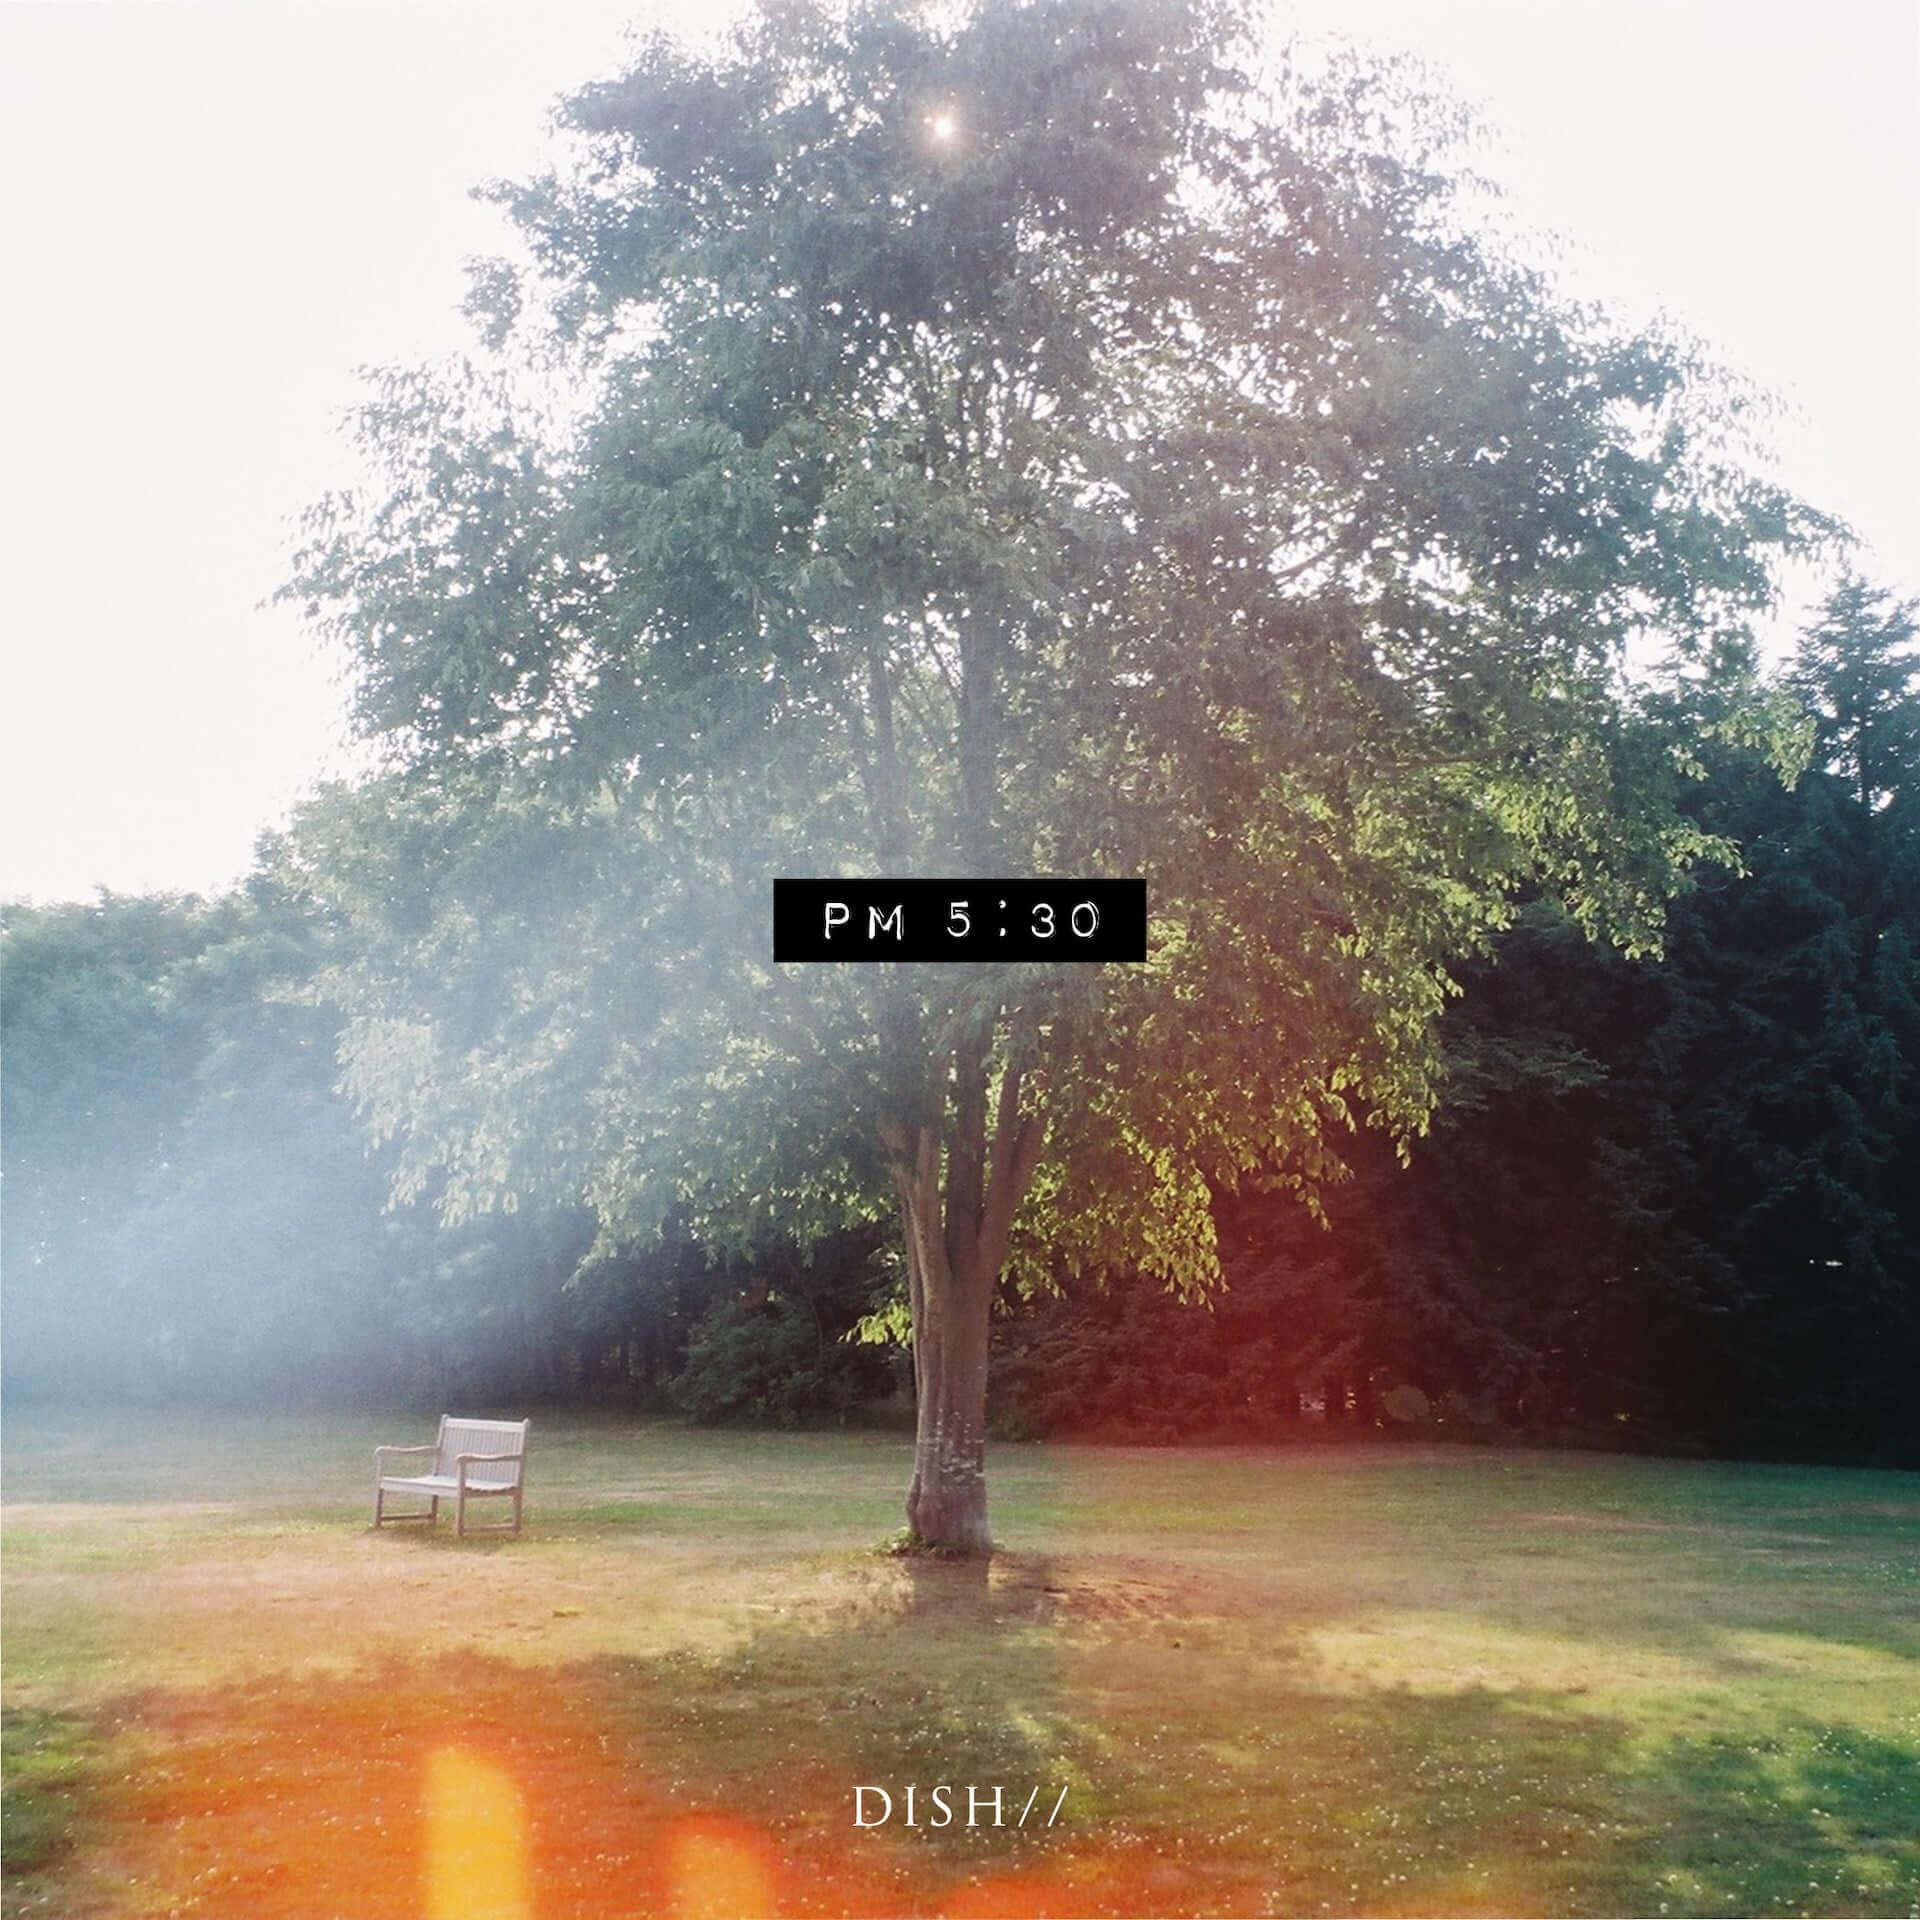 DISH//、北村匠海作詞作曲のラブソング「PM 5:30」のMVを本日公開|若手女優・松本妃代が出演 music19.11.20_dish_main-1920x1920